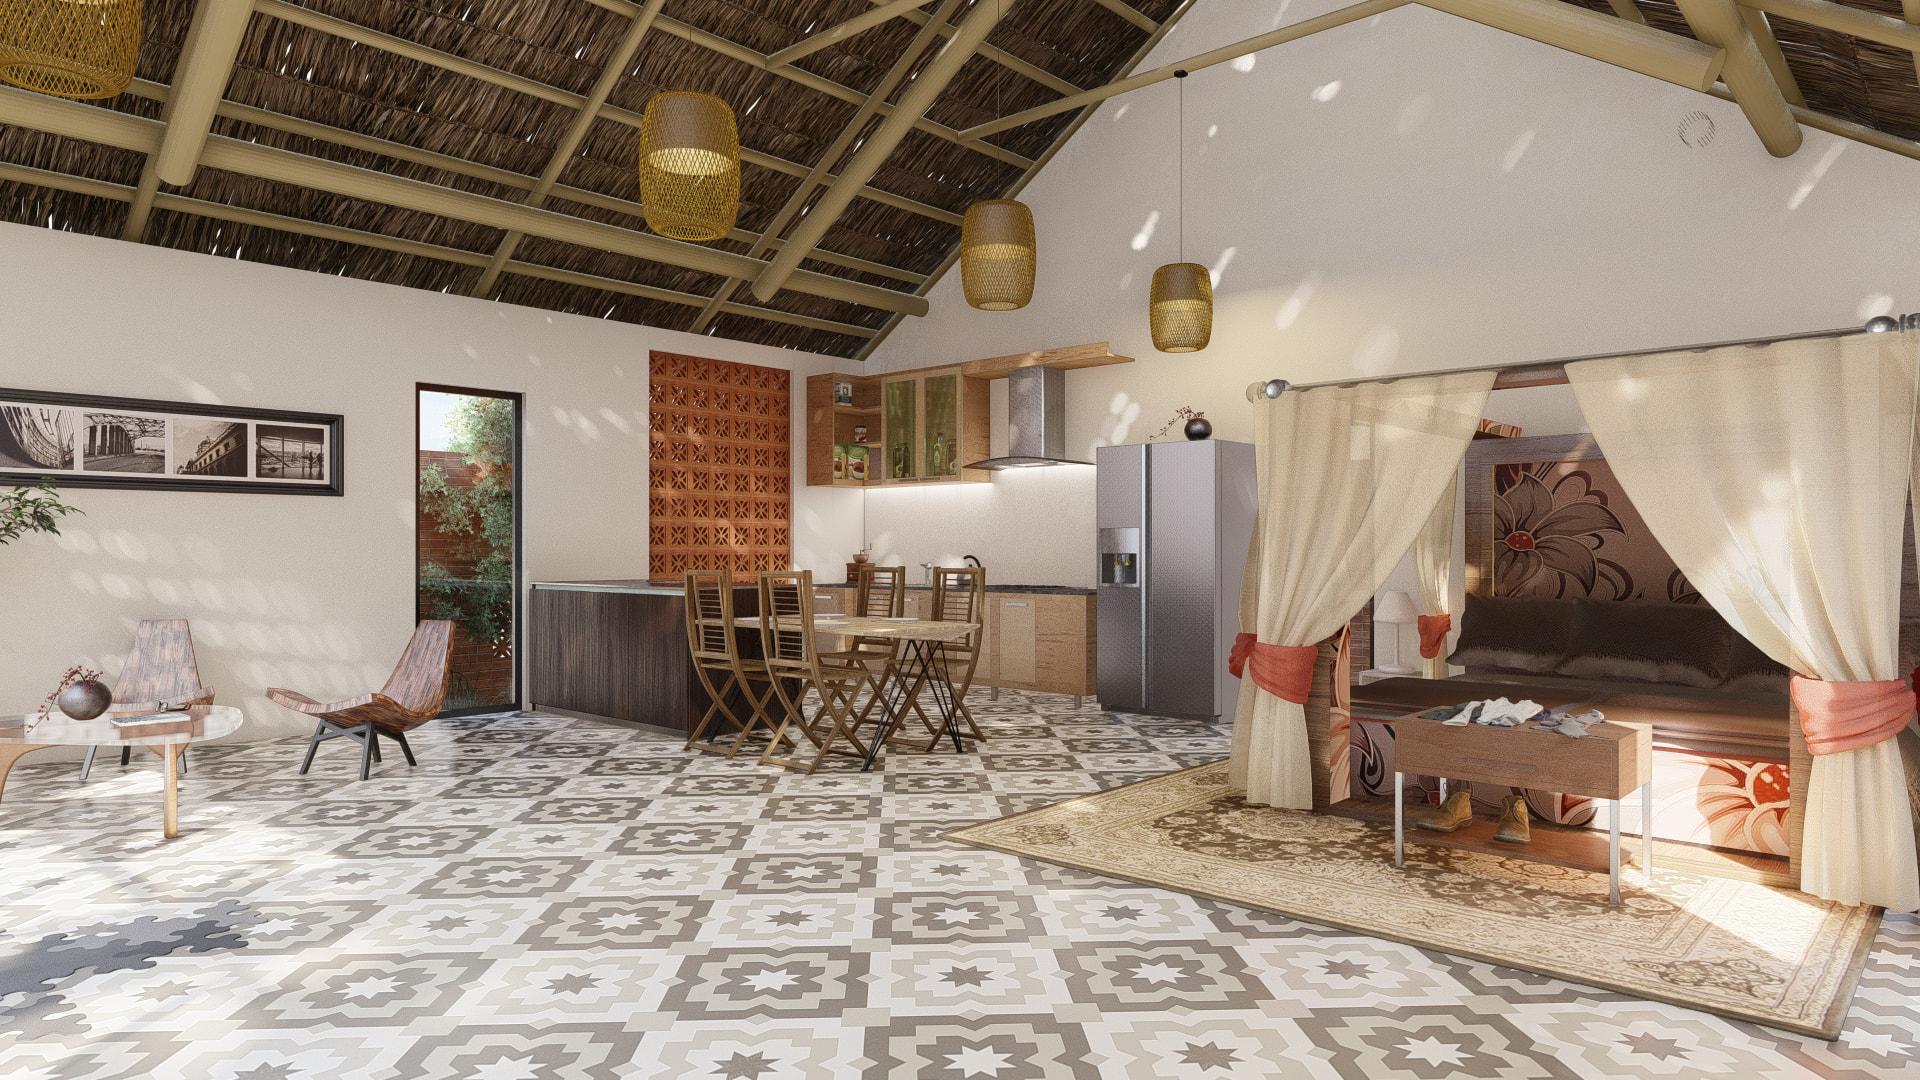 thiết kế Nhà tại Đồng Nai NHÀ SINH HOẠT TUẦN ,NGHĨ DƯỠNG  3 1557156708